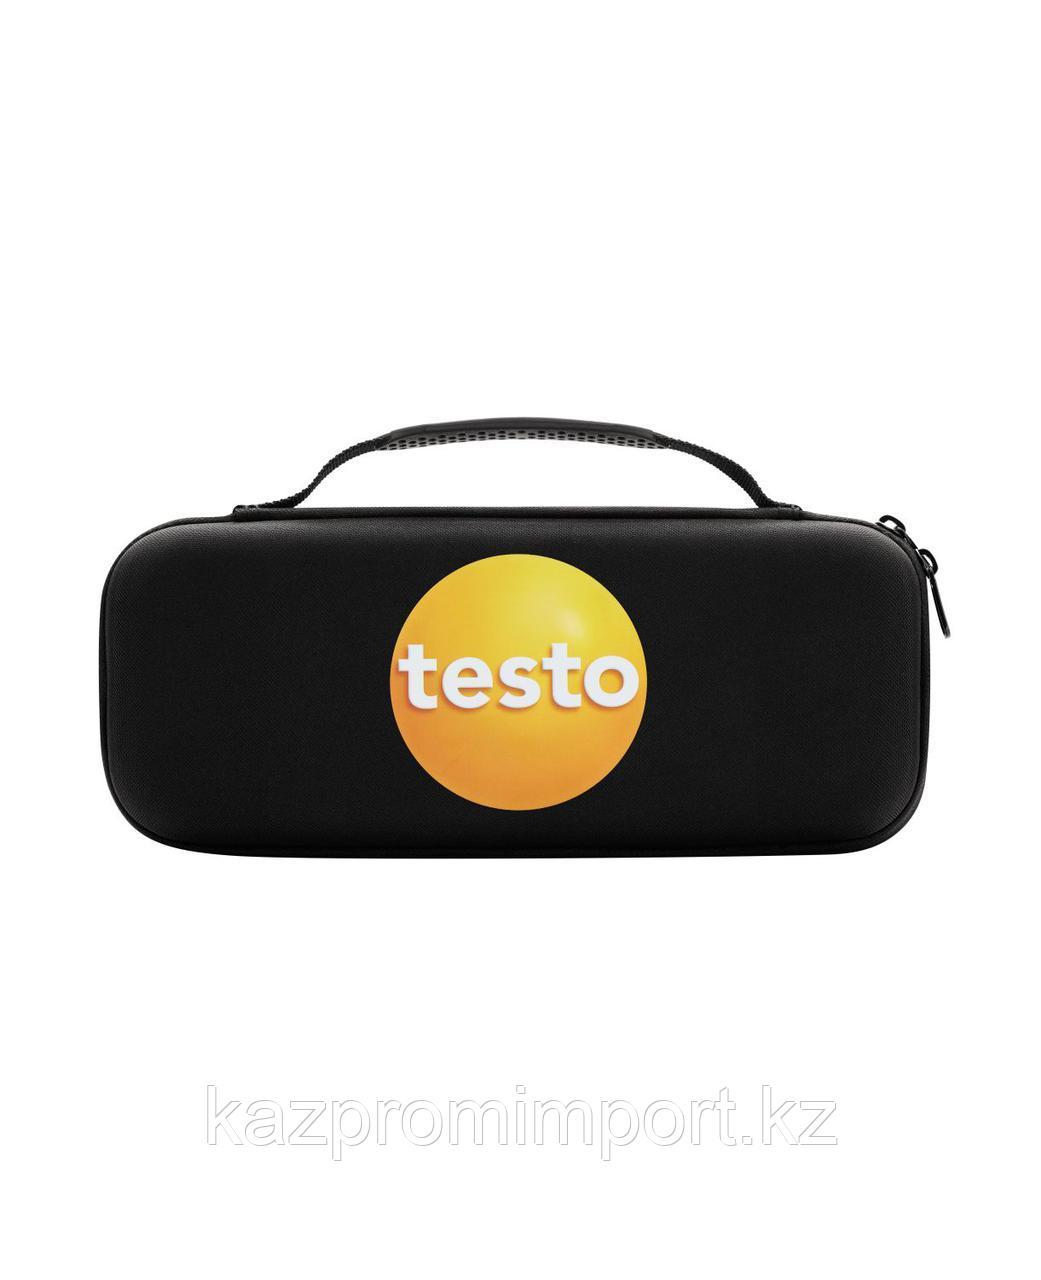 Сумка для транспортировки - testo 750